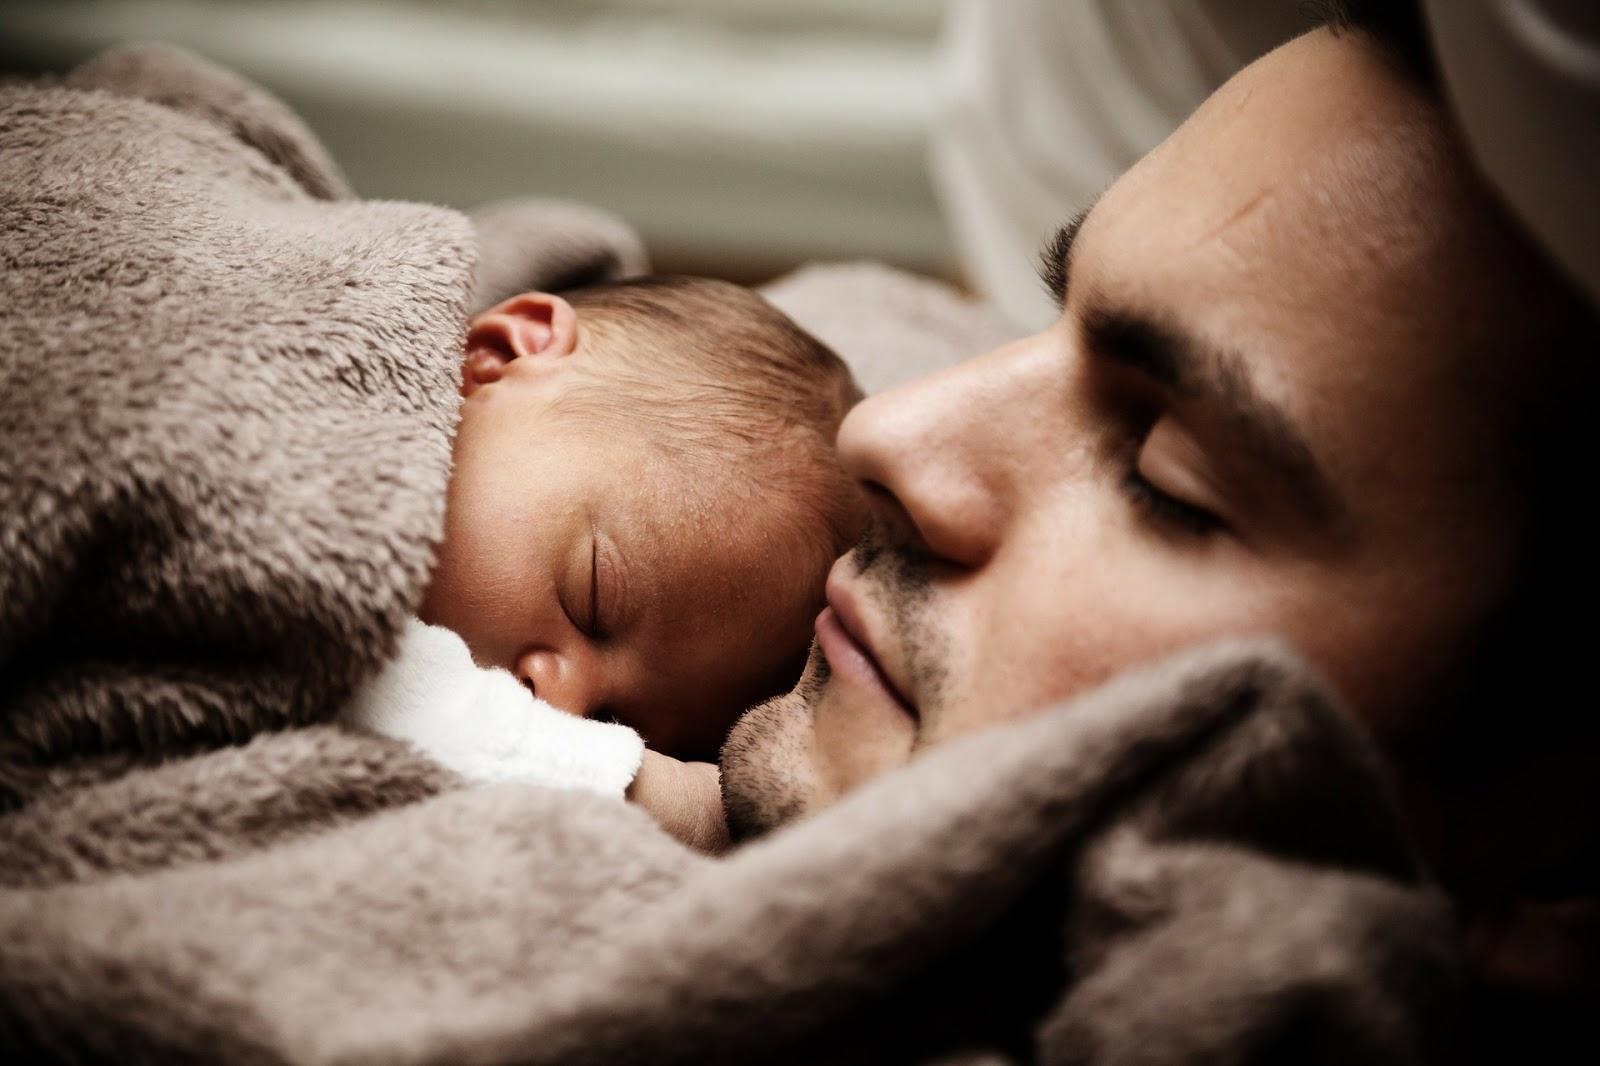 Durmiendo padre y bebe.jpg